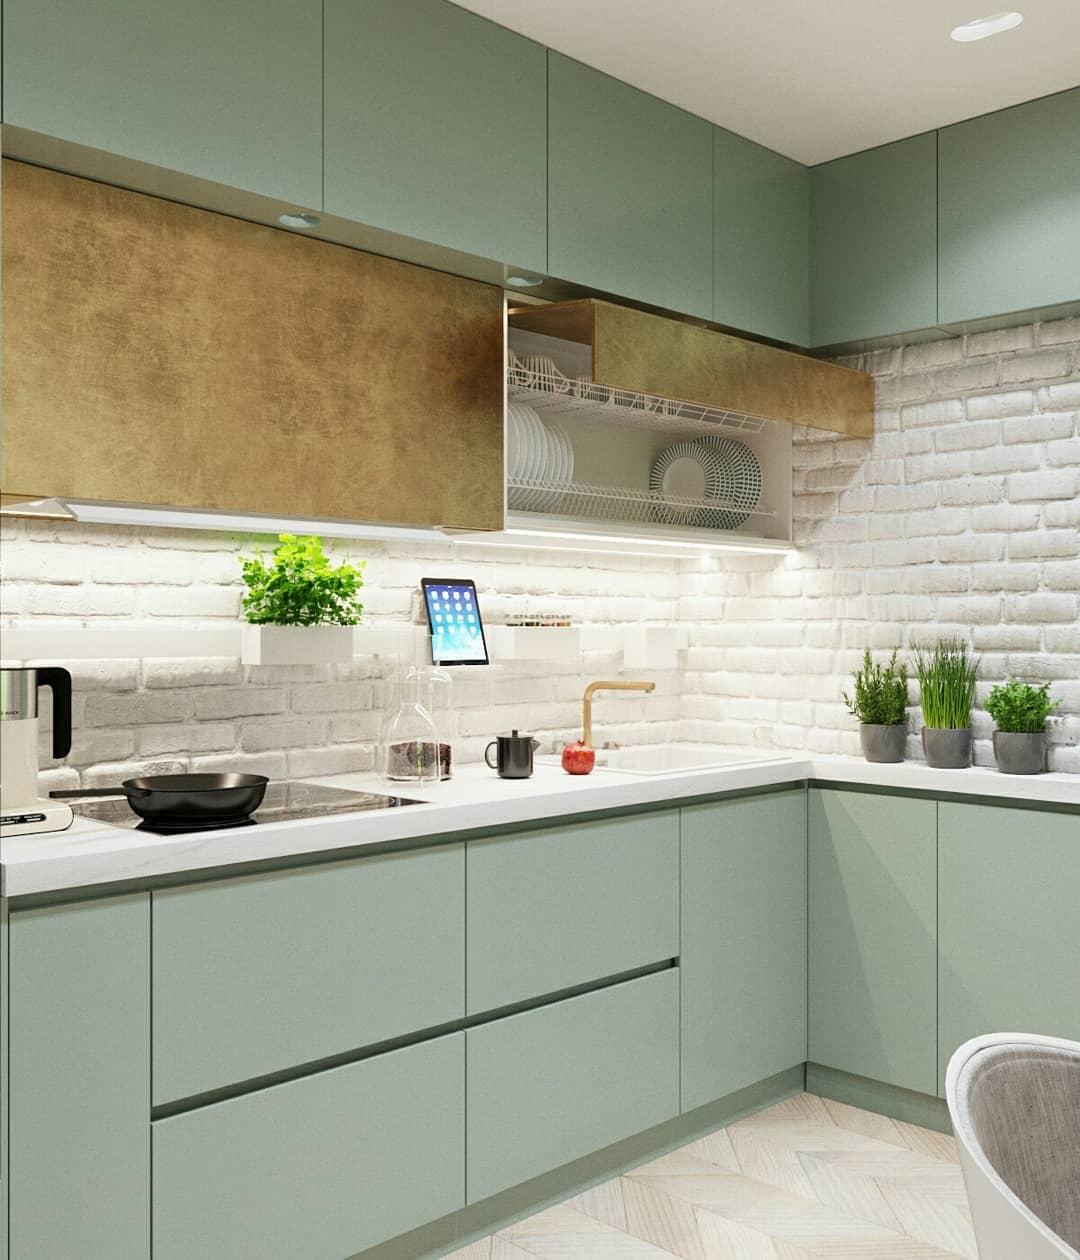 Искусственный камень в отделке кухни